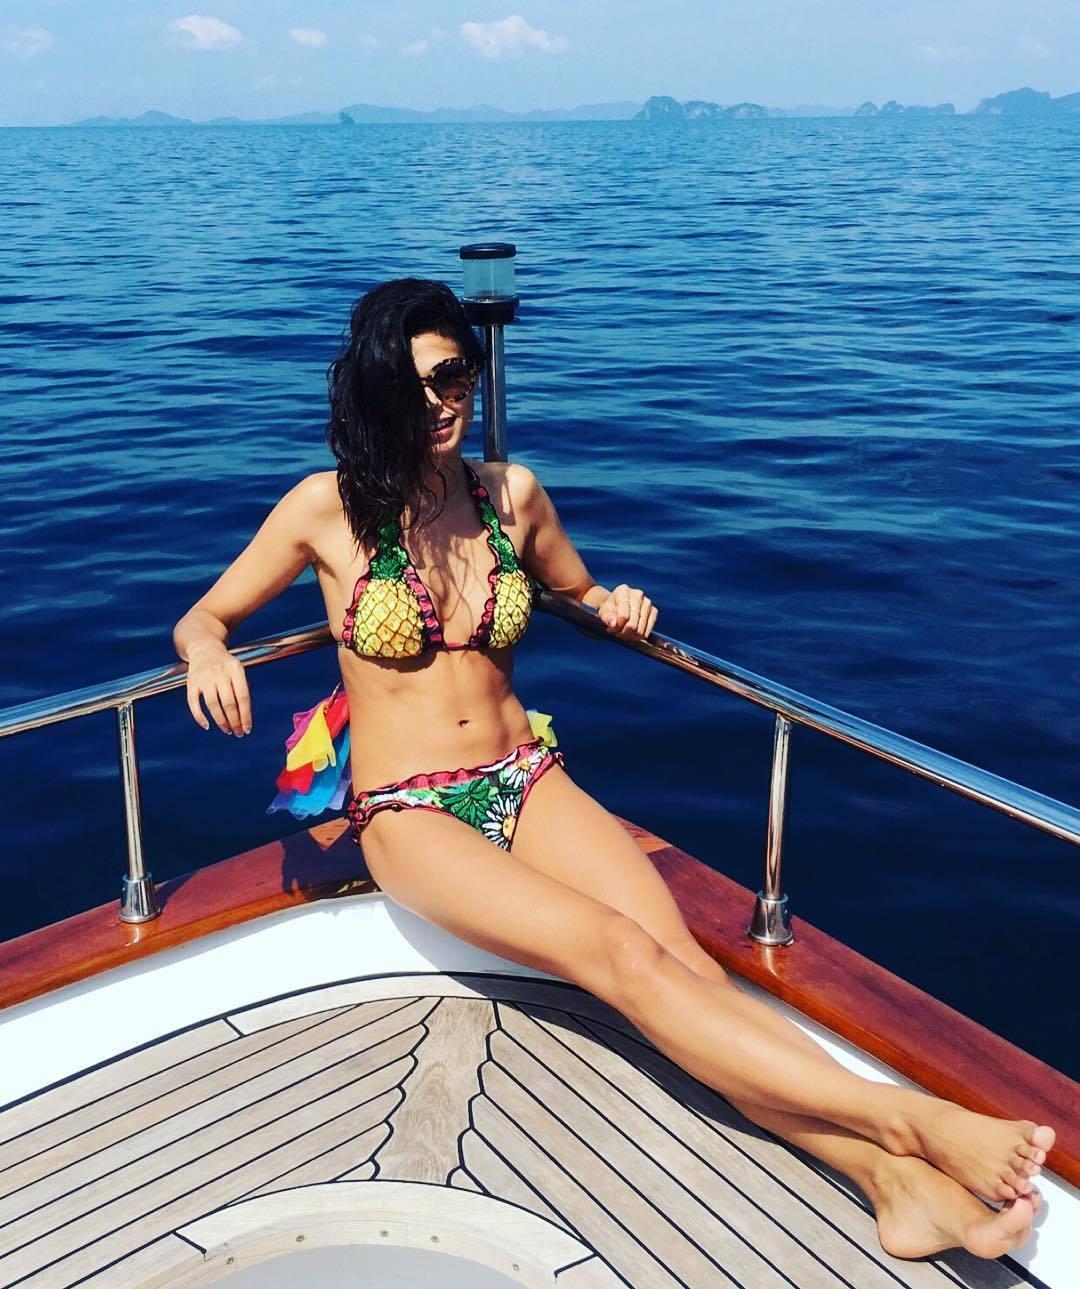 Bikini Katie Keight naked (97 photos), Paparazzi